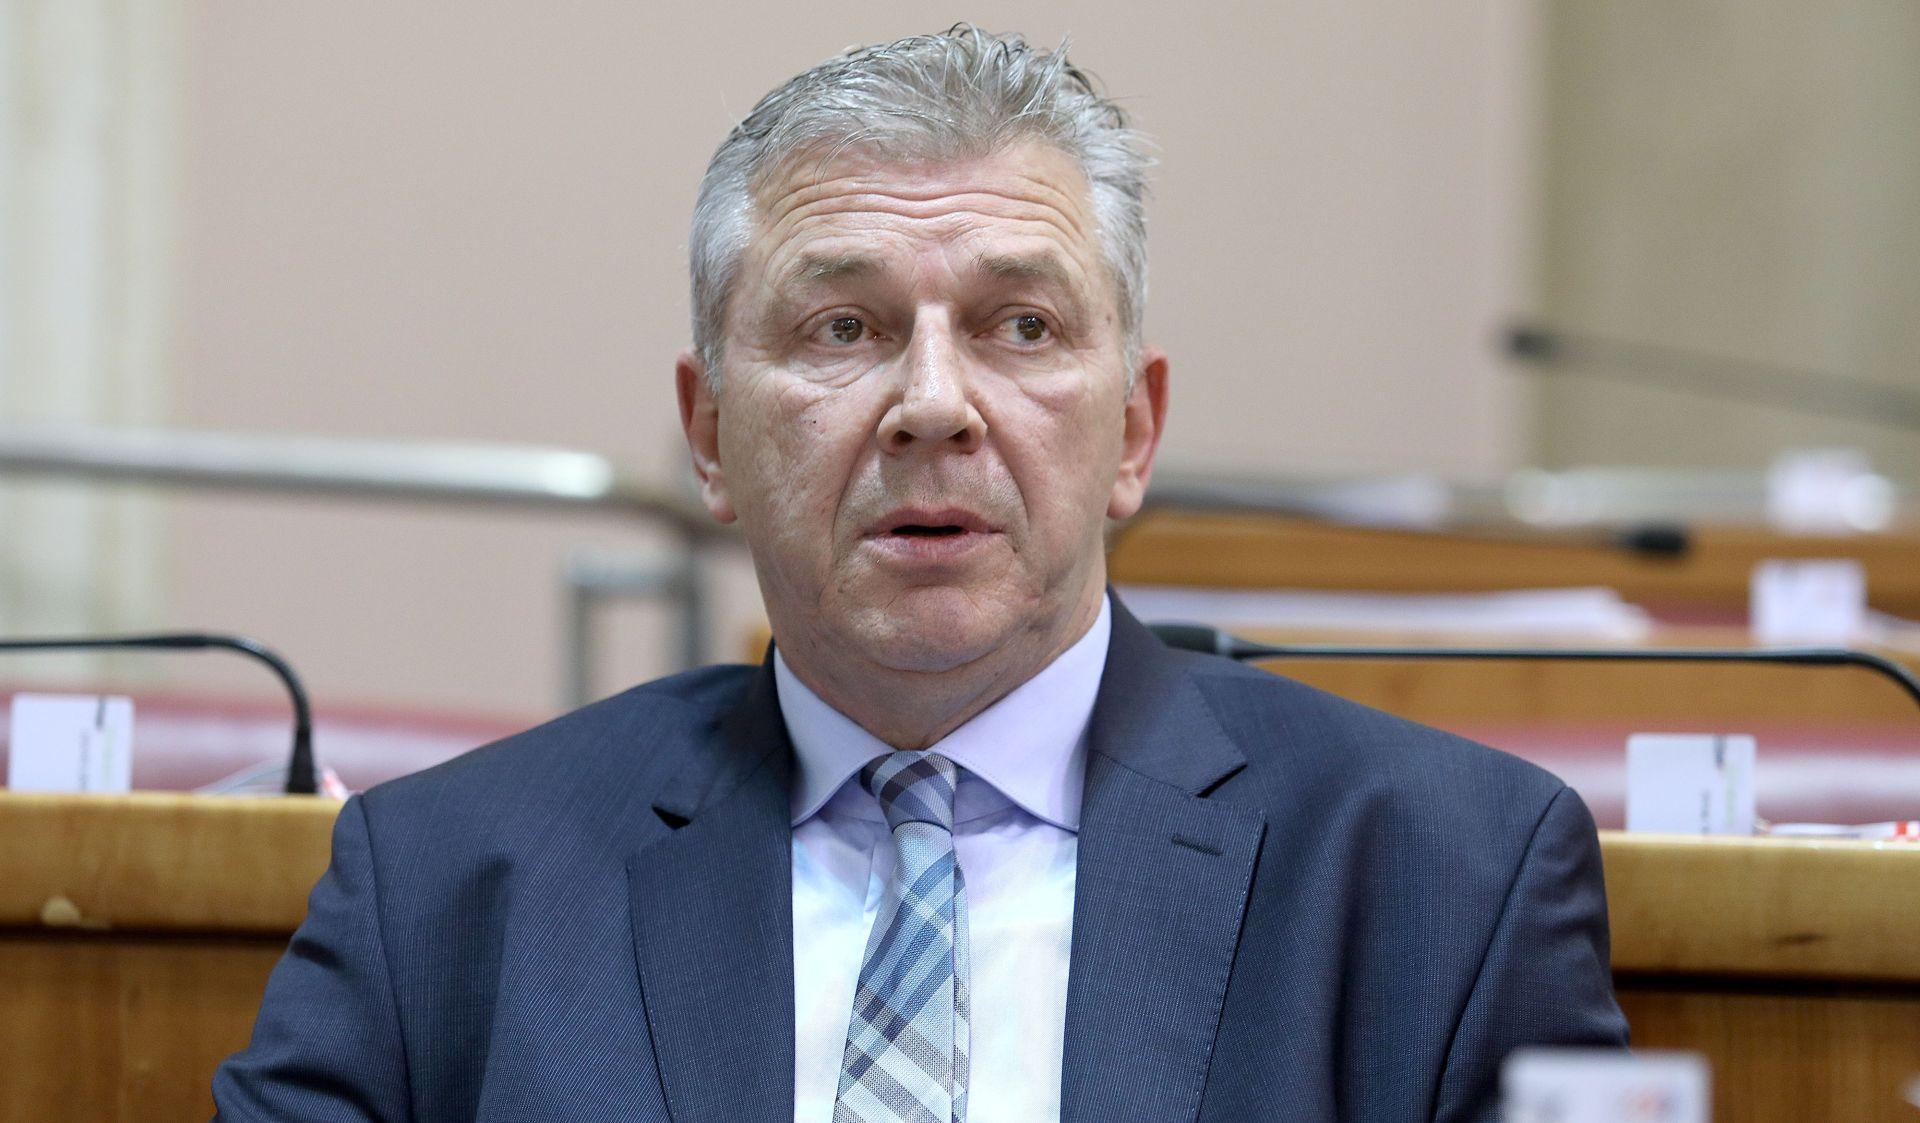 Ranko Ostojić Facebook statusom pokazao koliko je SDP podijeljena stranka